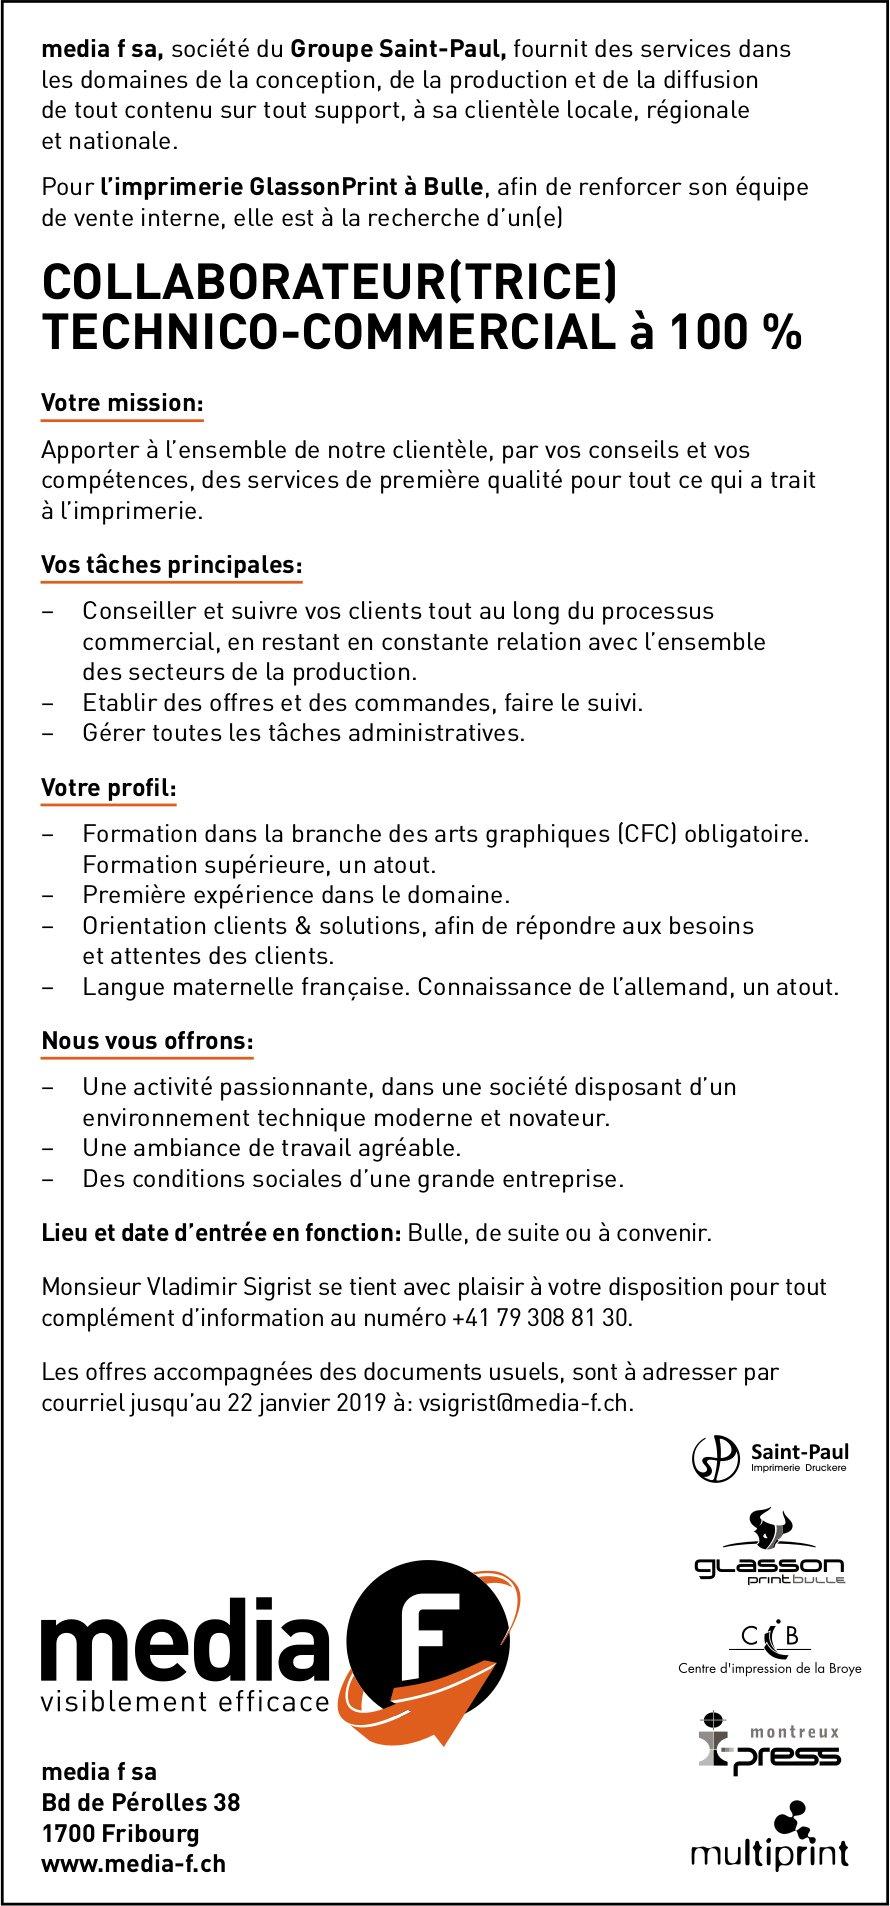 COLLABORATEUR(TRICE) TECHNICO-COMMERCIAL à 100 %, media F SA, Bulle, recherché